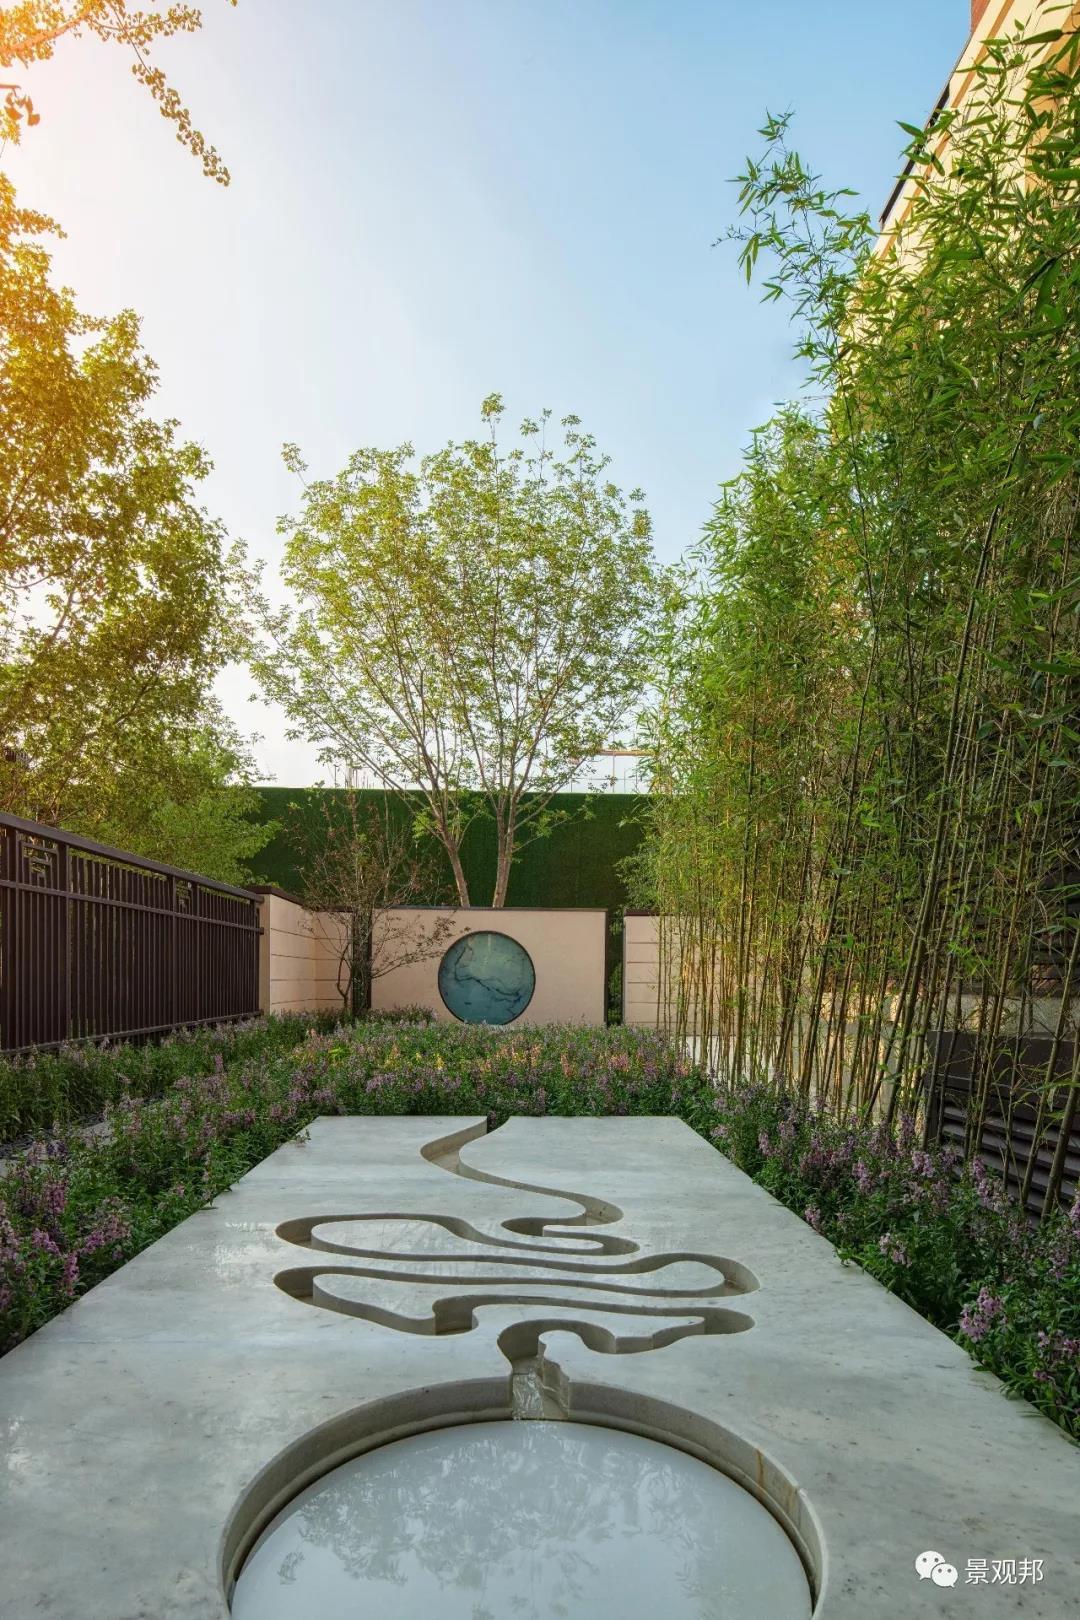 你家庭院景观设计没方向?这样的造型水景设计,让你想到了啥